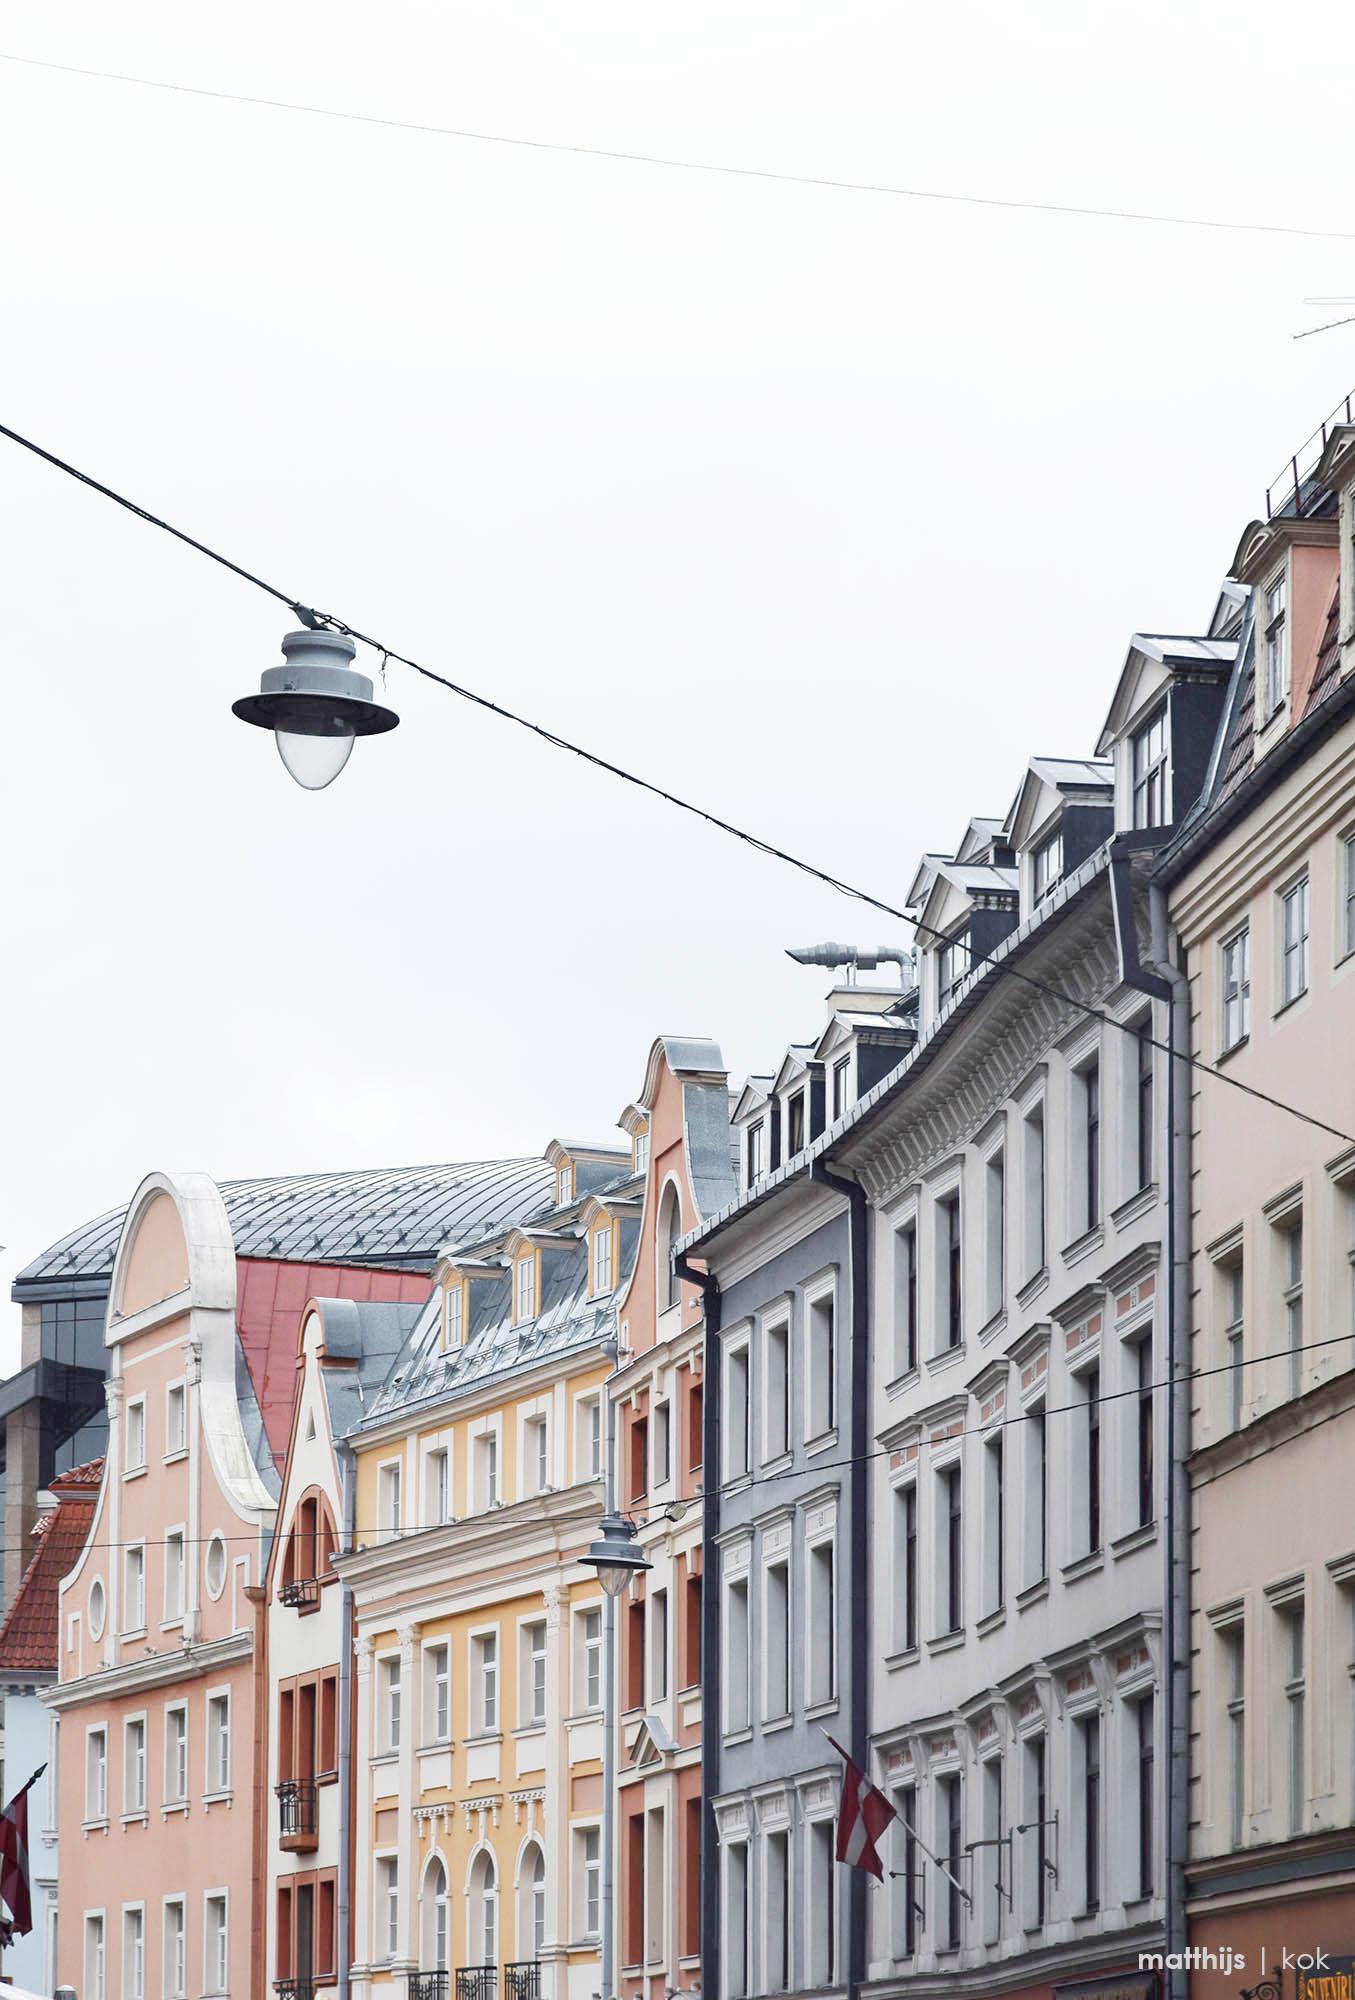 Riga Streets, Latvia   Photo by Matthijs Kok